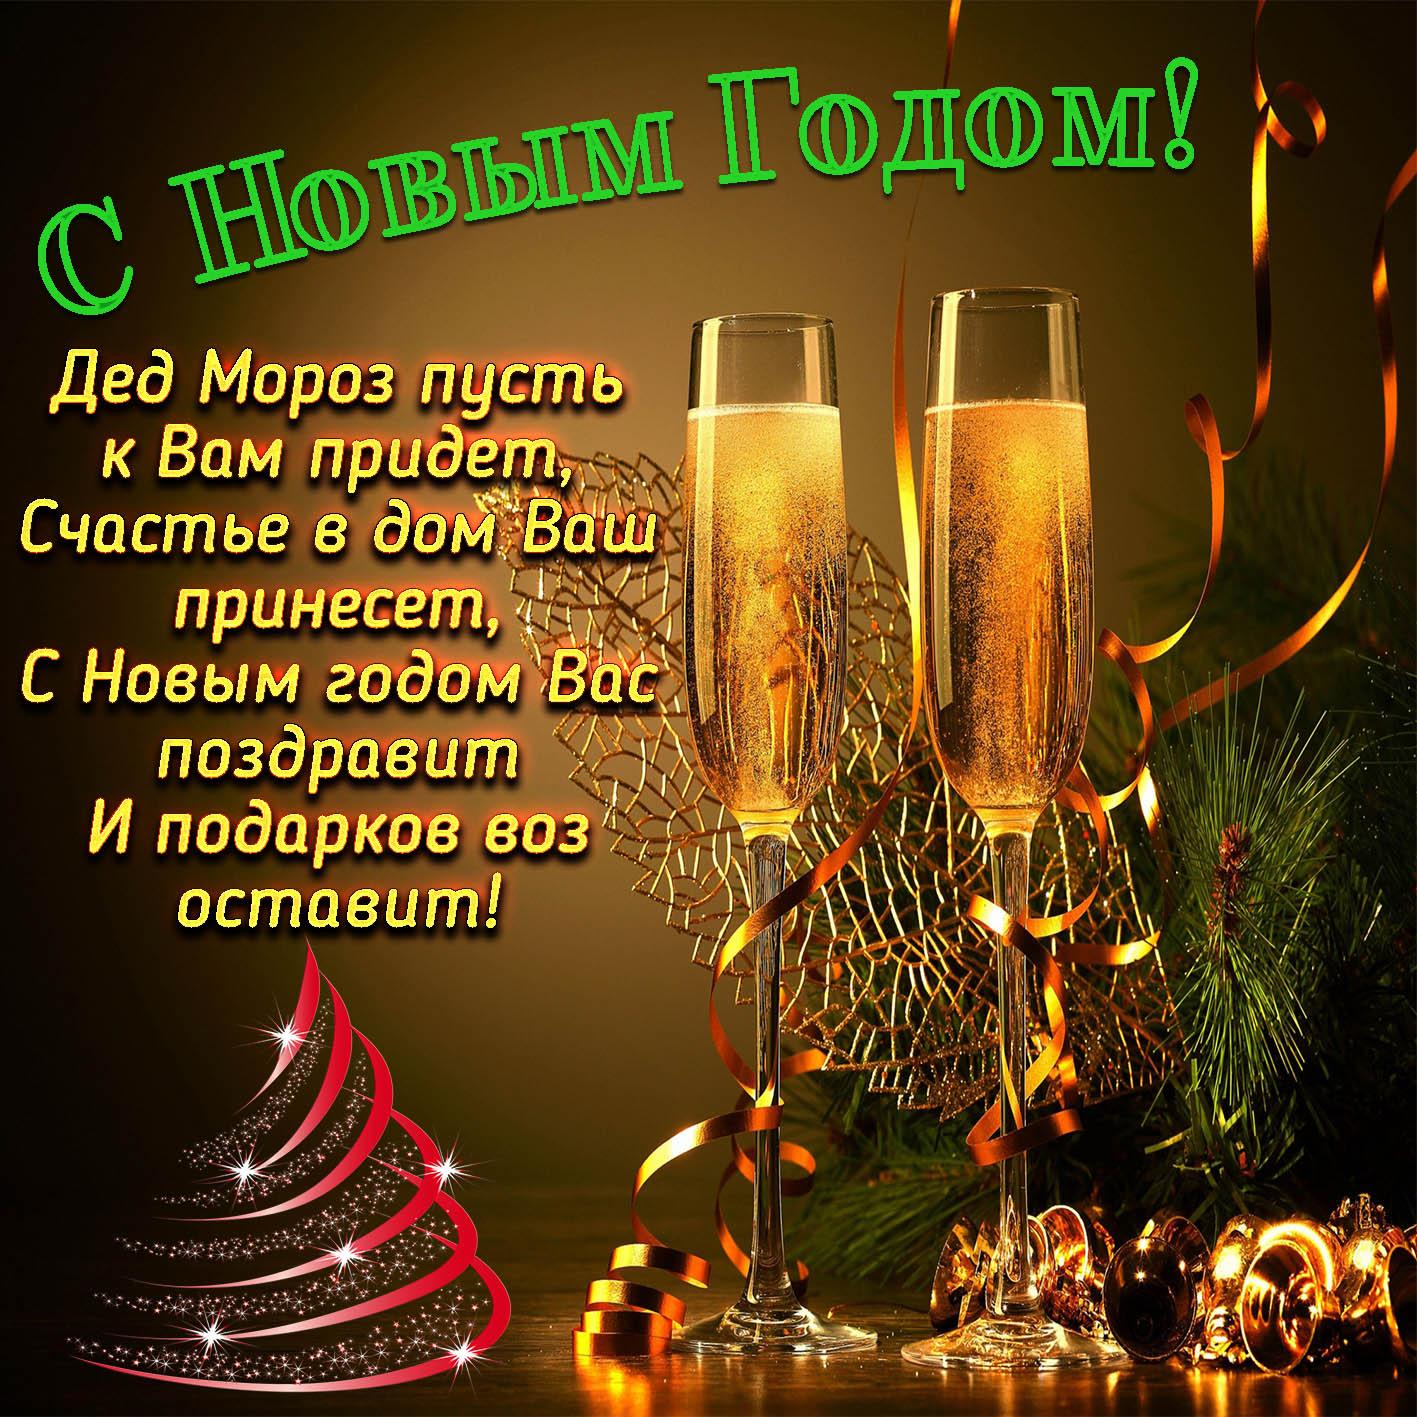 Смс поздравление своими словами с новогодними праздниками мужчину друга